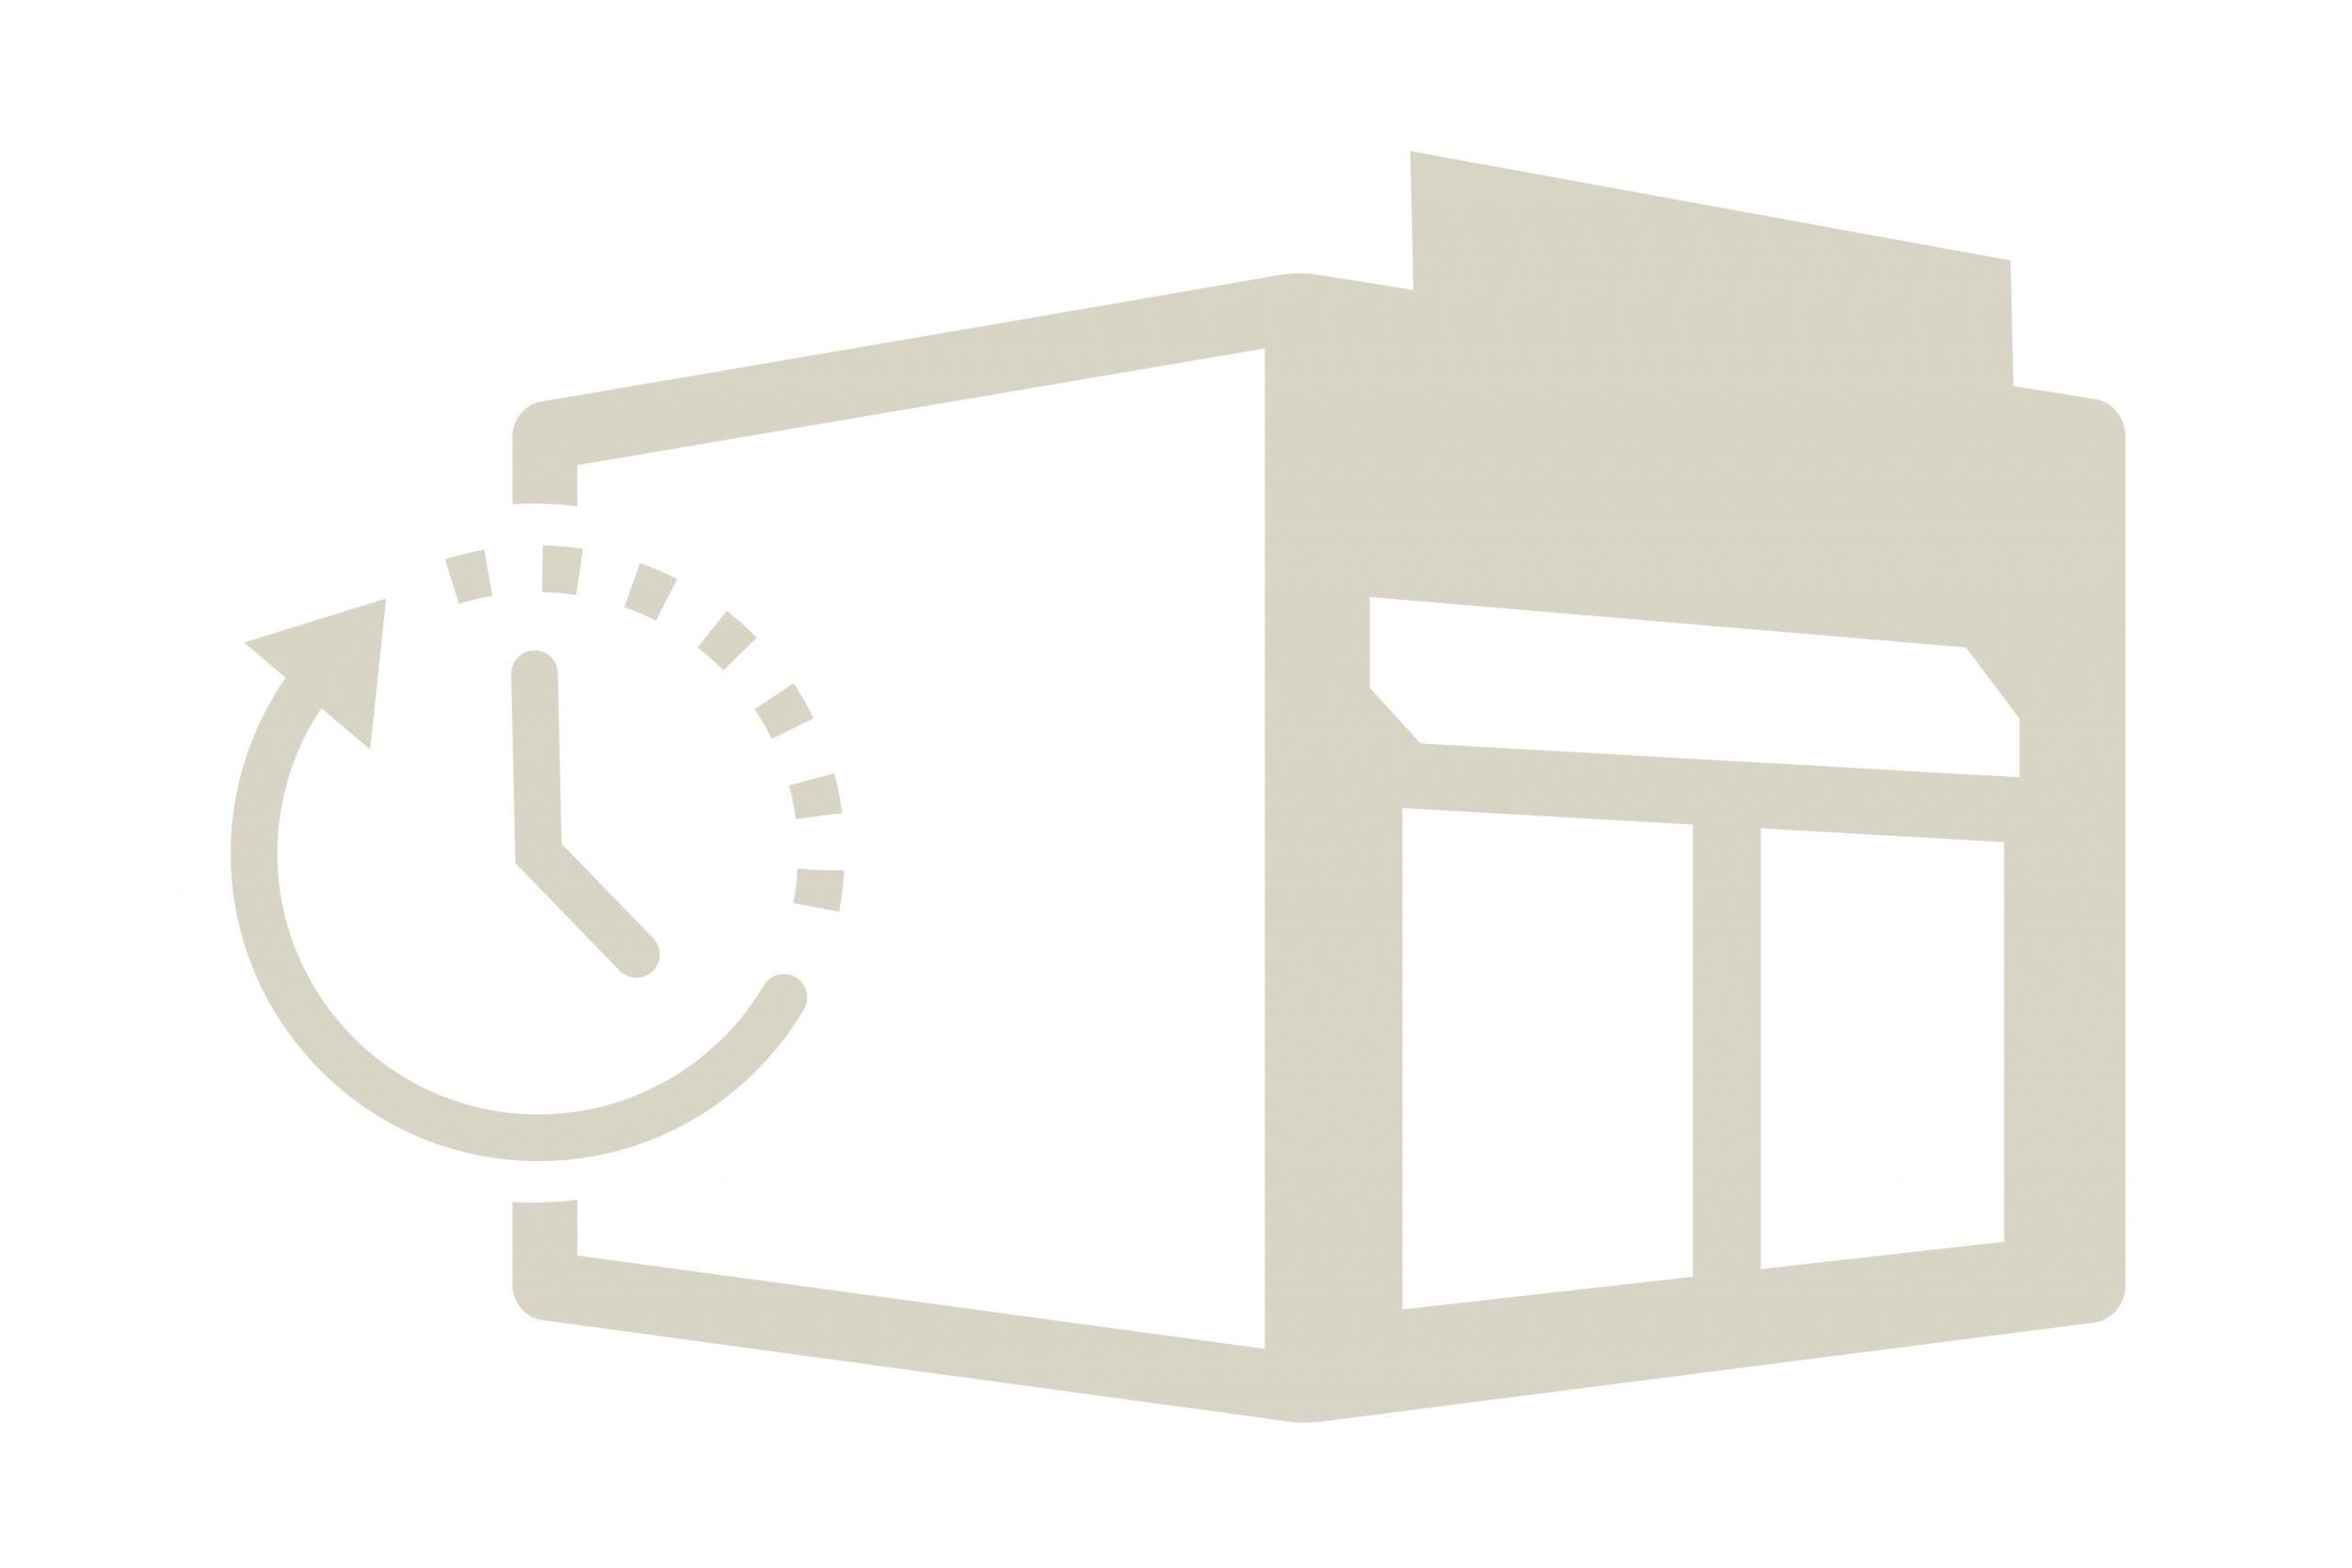 Fertigstellungs- oder Eröffnungstermin Logo